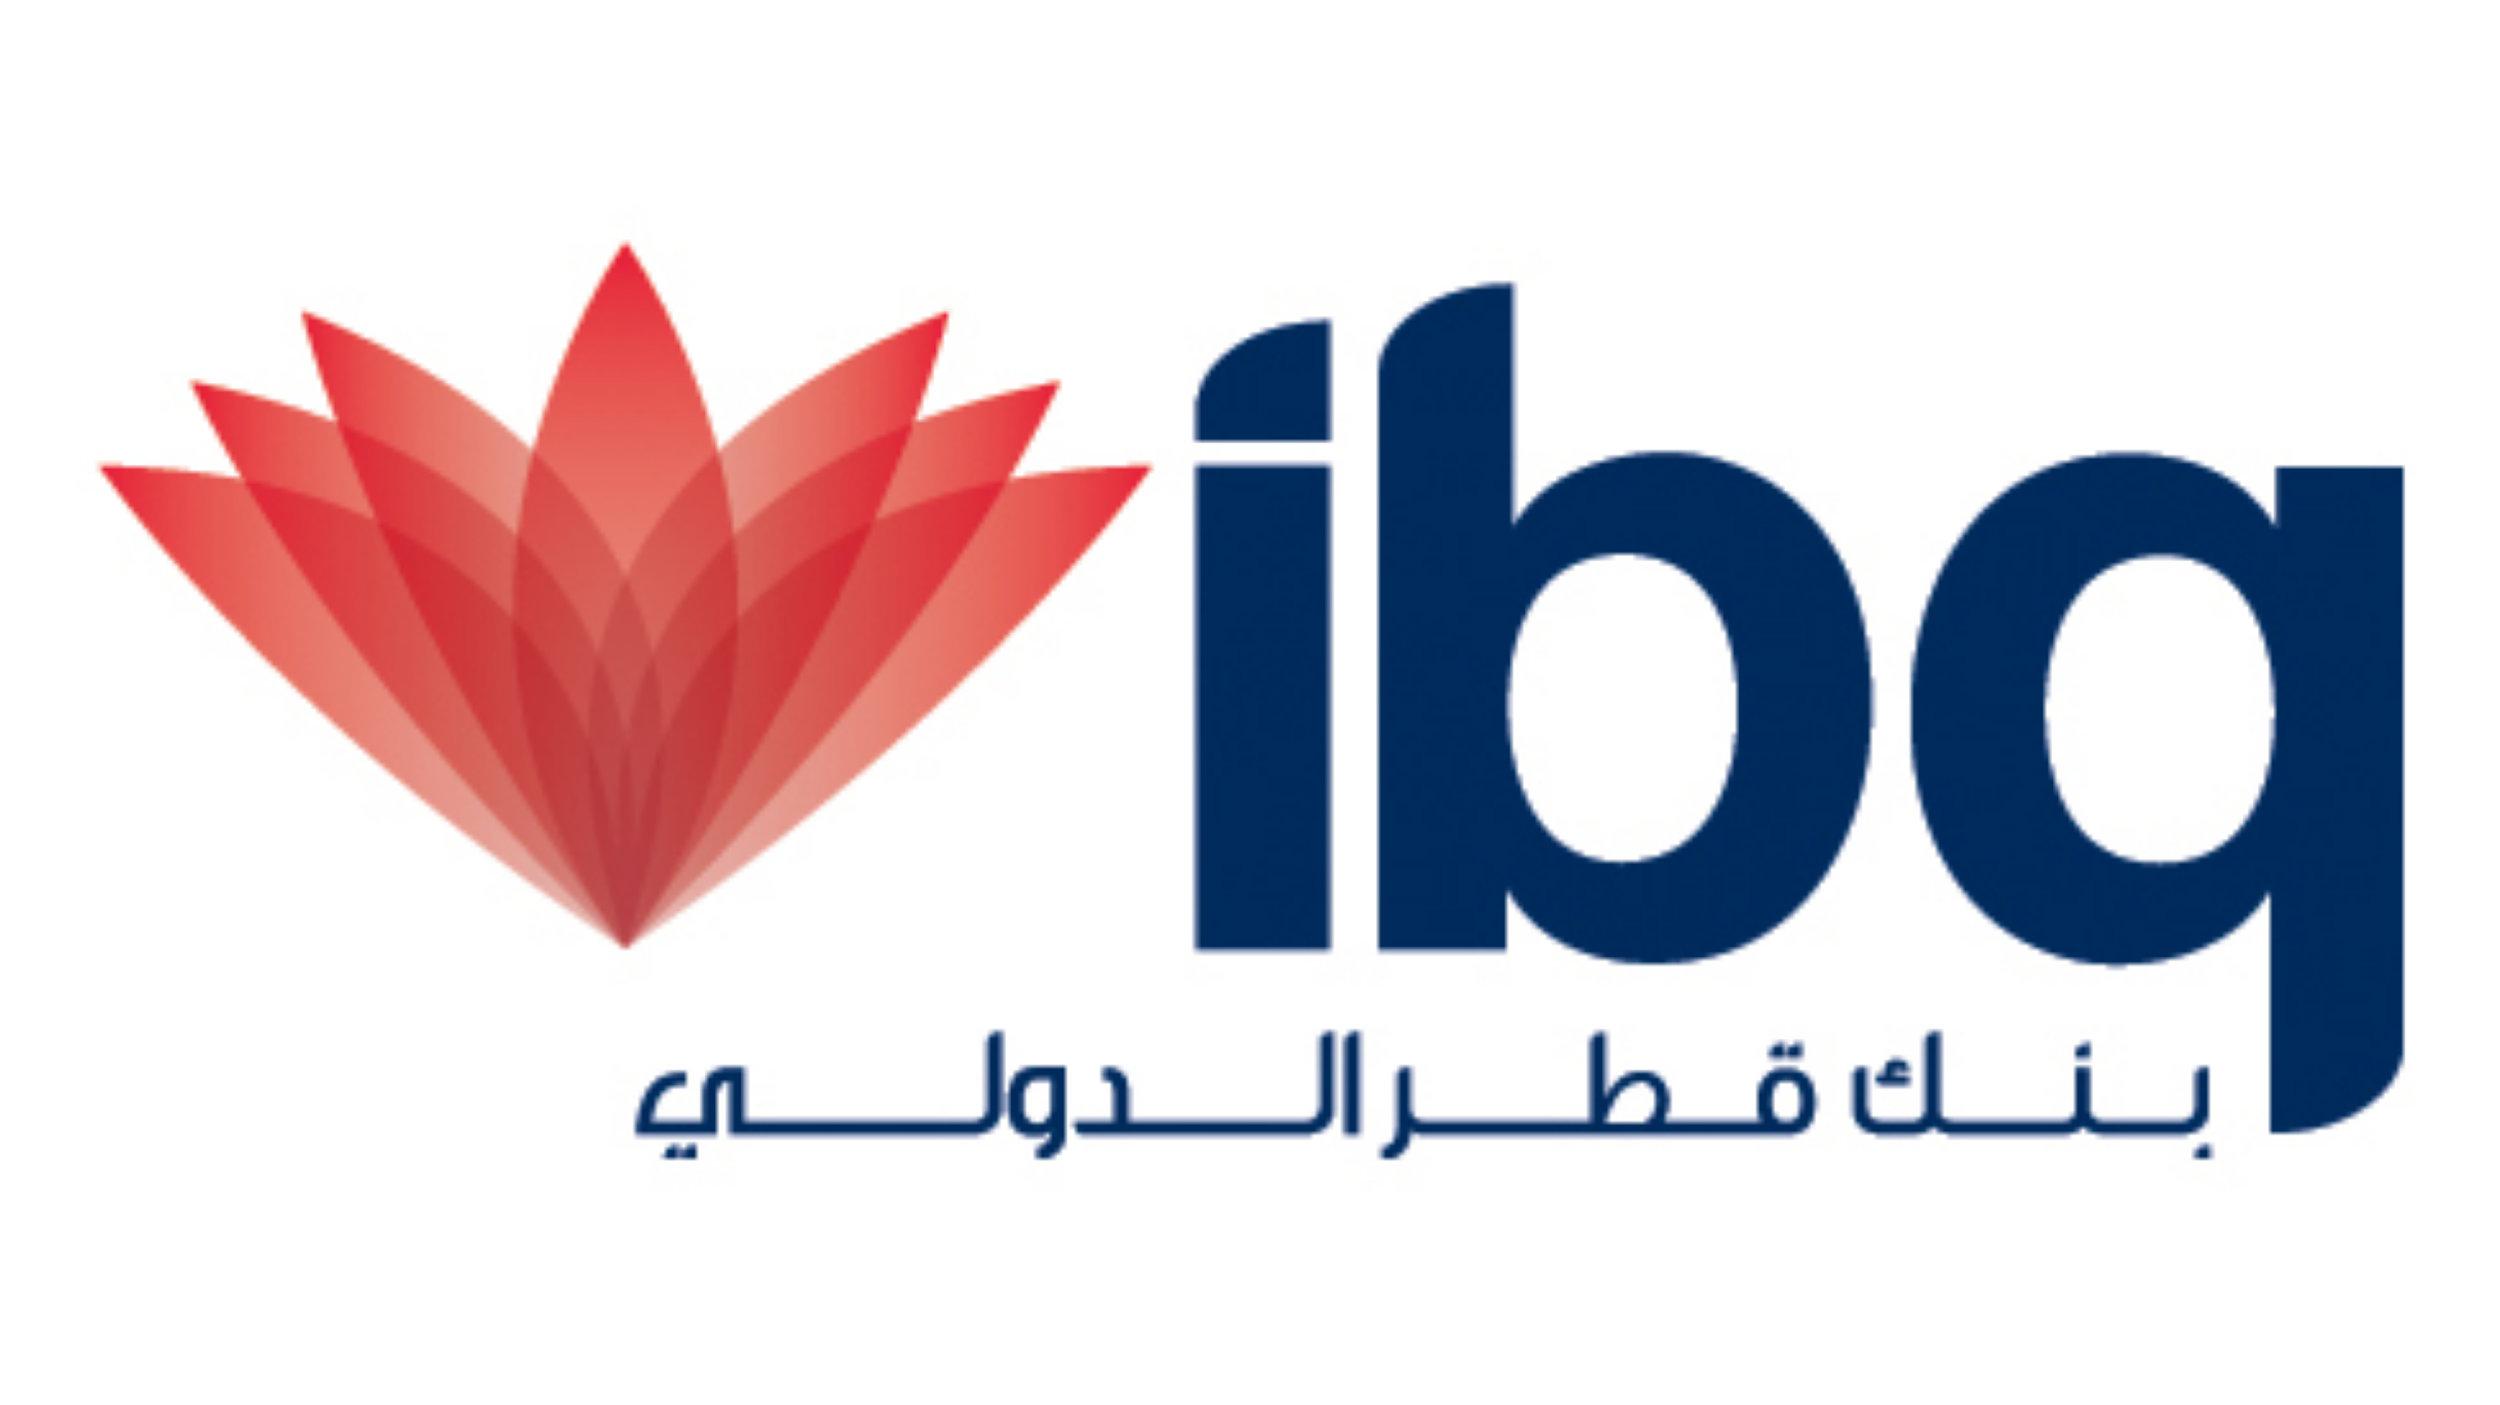 International Bank of Qatar Queen Adwoa's Closet.jpg